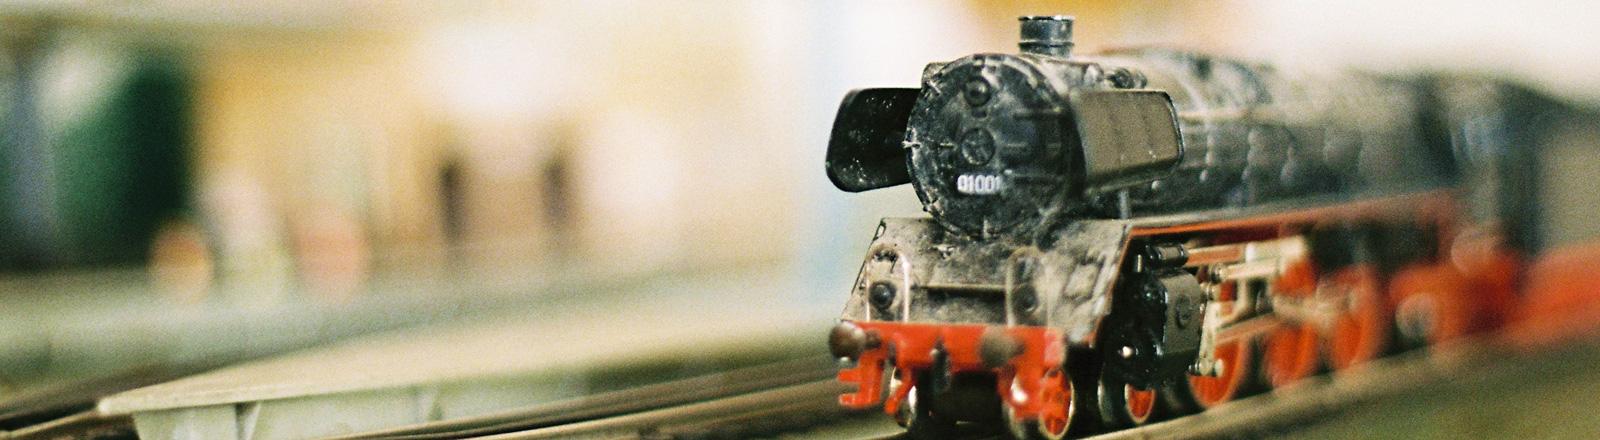 Eine schwarze Modelleisenbahn mit roten Rädern. Nachbau einer Dampflok.